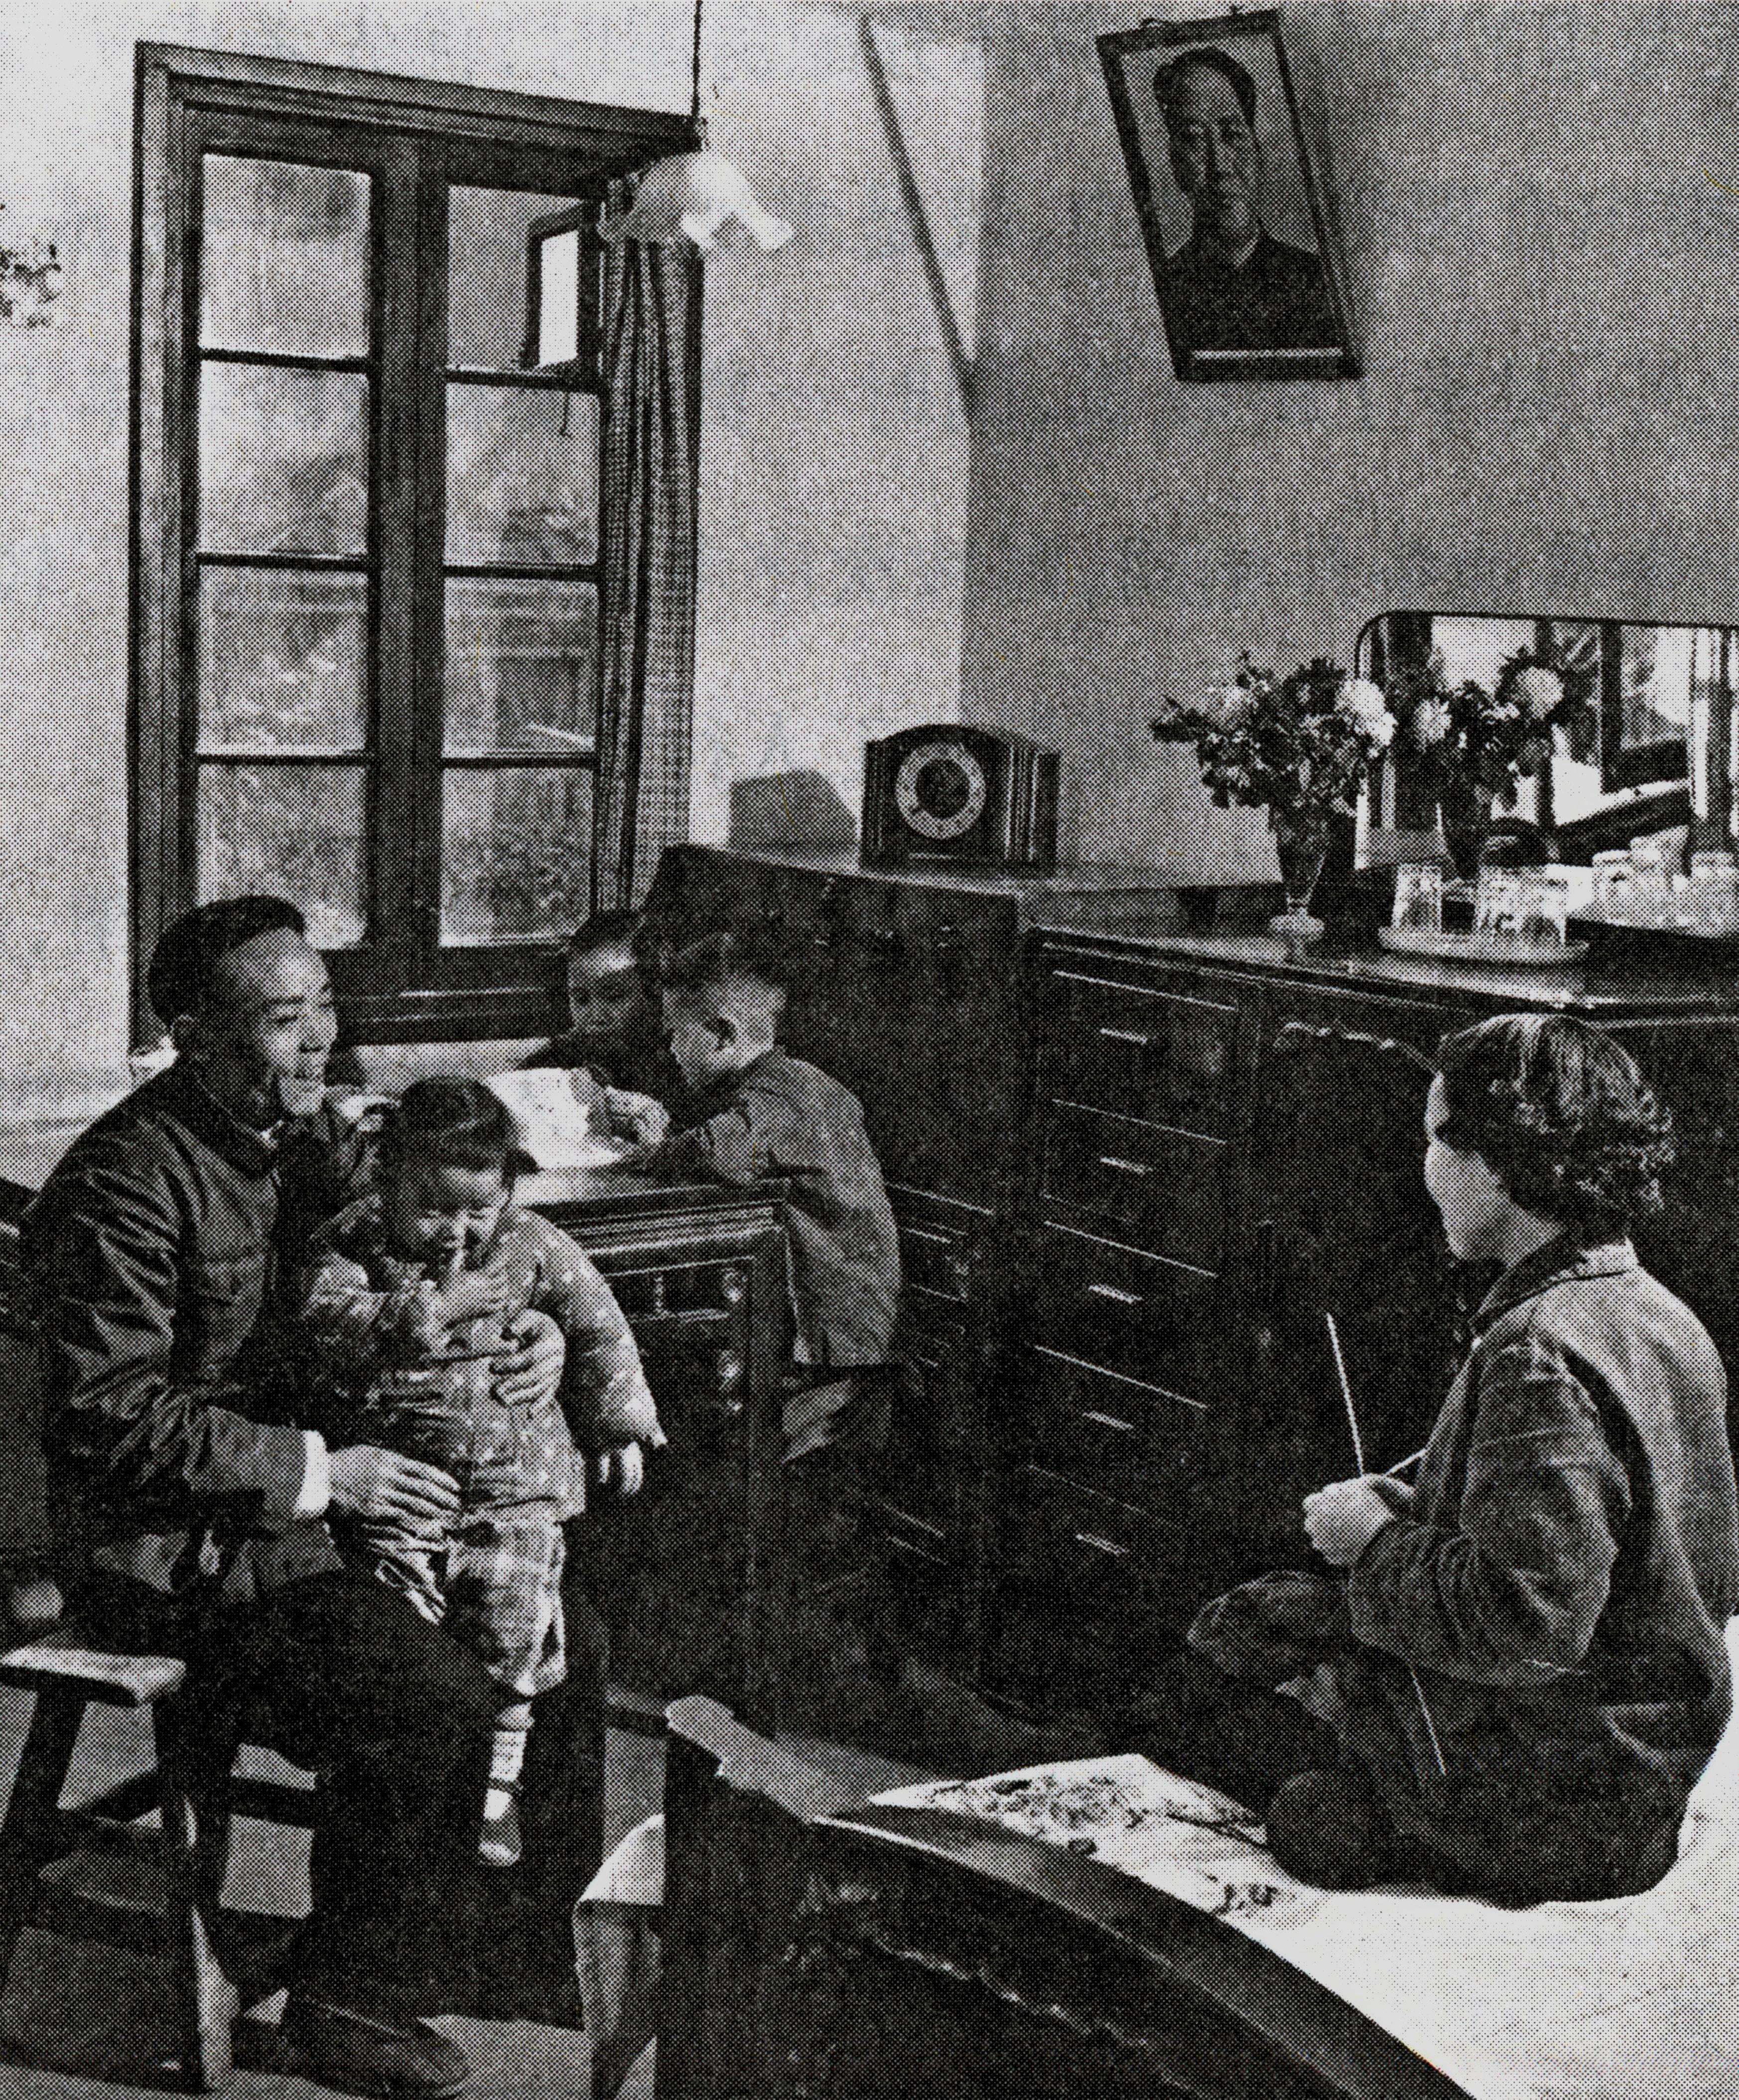 1952年,居永康全家从船屋搬进了曹杨新村的新居。 图片来源《上海工人新村建设研究》